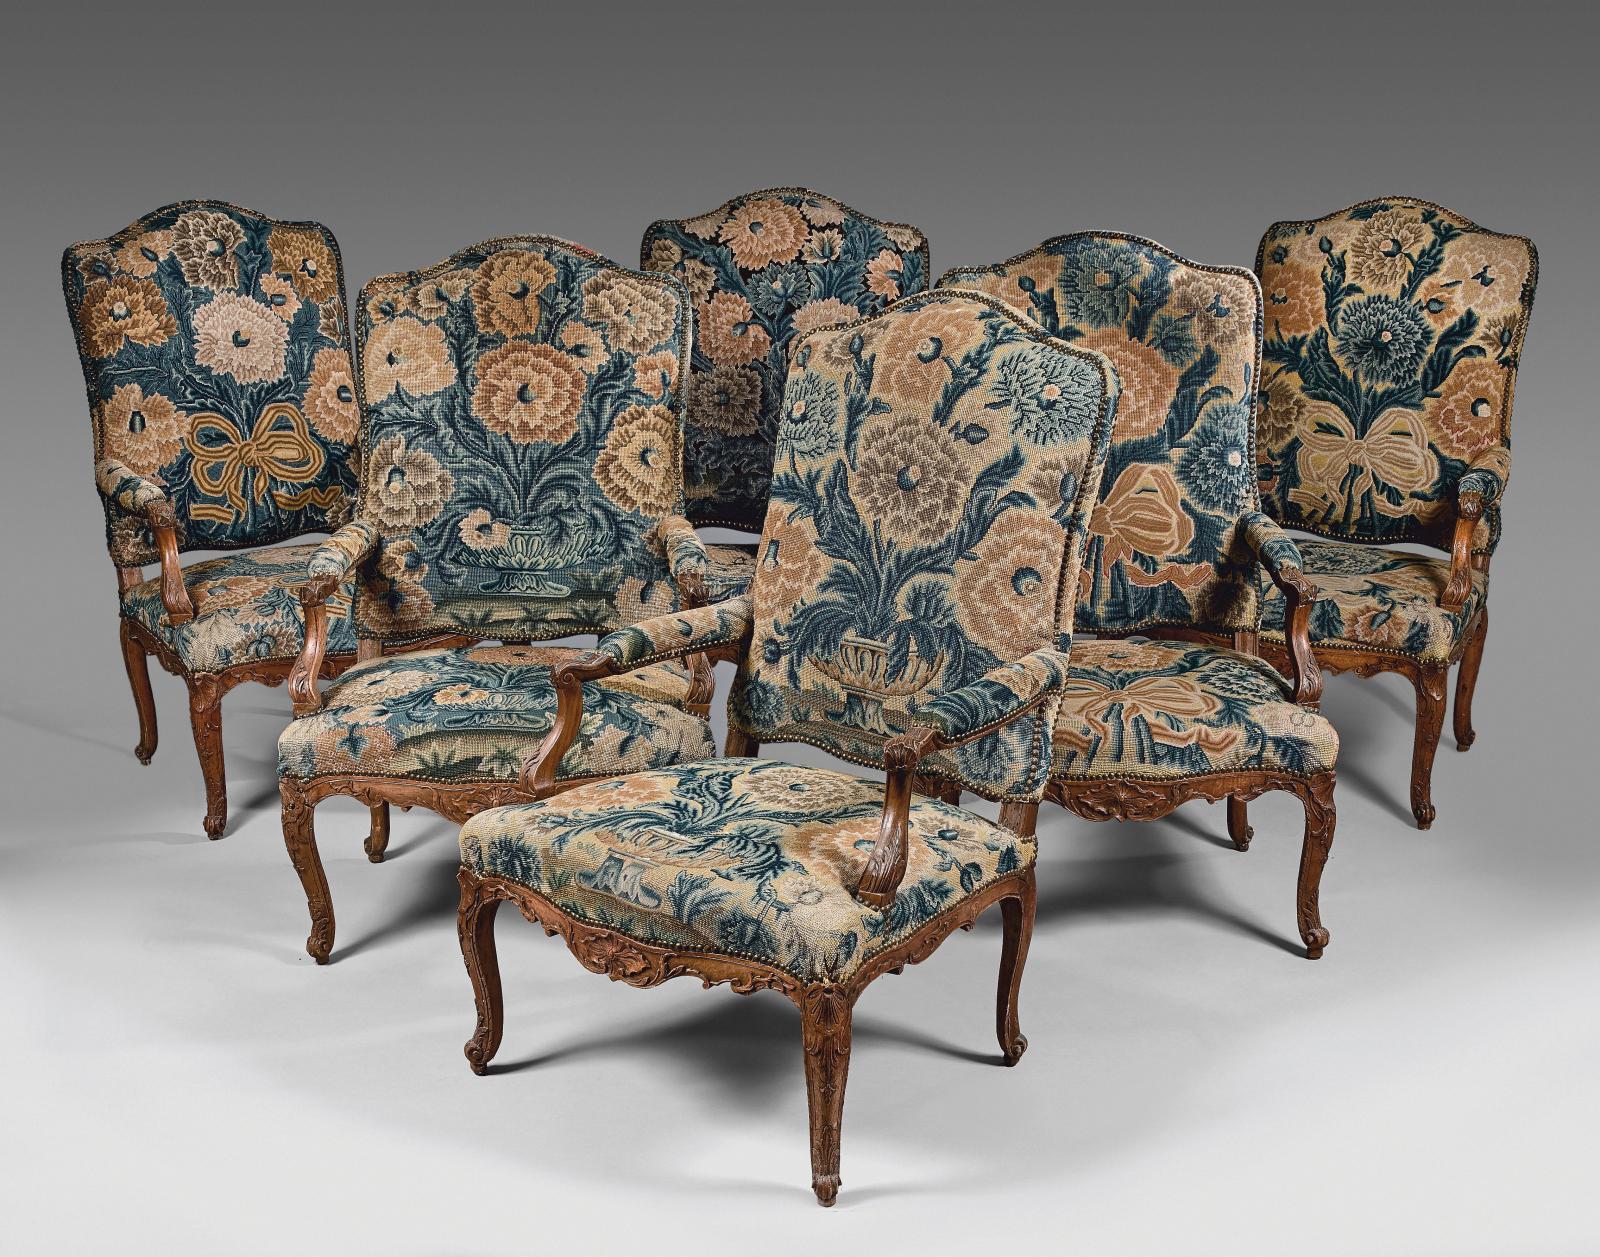 Mobilier de salon en noyer sculpté de coquilles, feuillages, quadrillages et fleurons, comprenant six fauteuils et un canapé, début de l'époque Louis